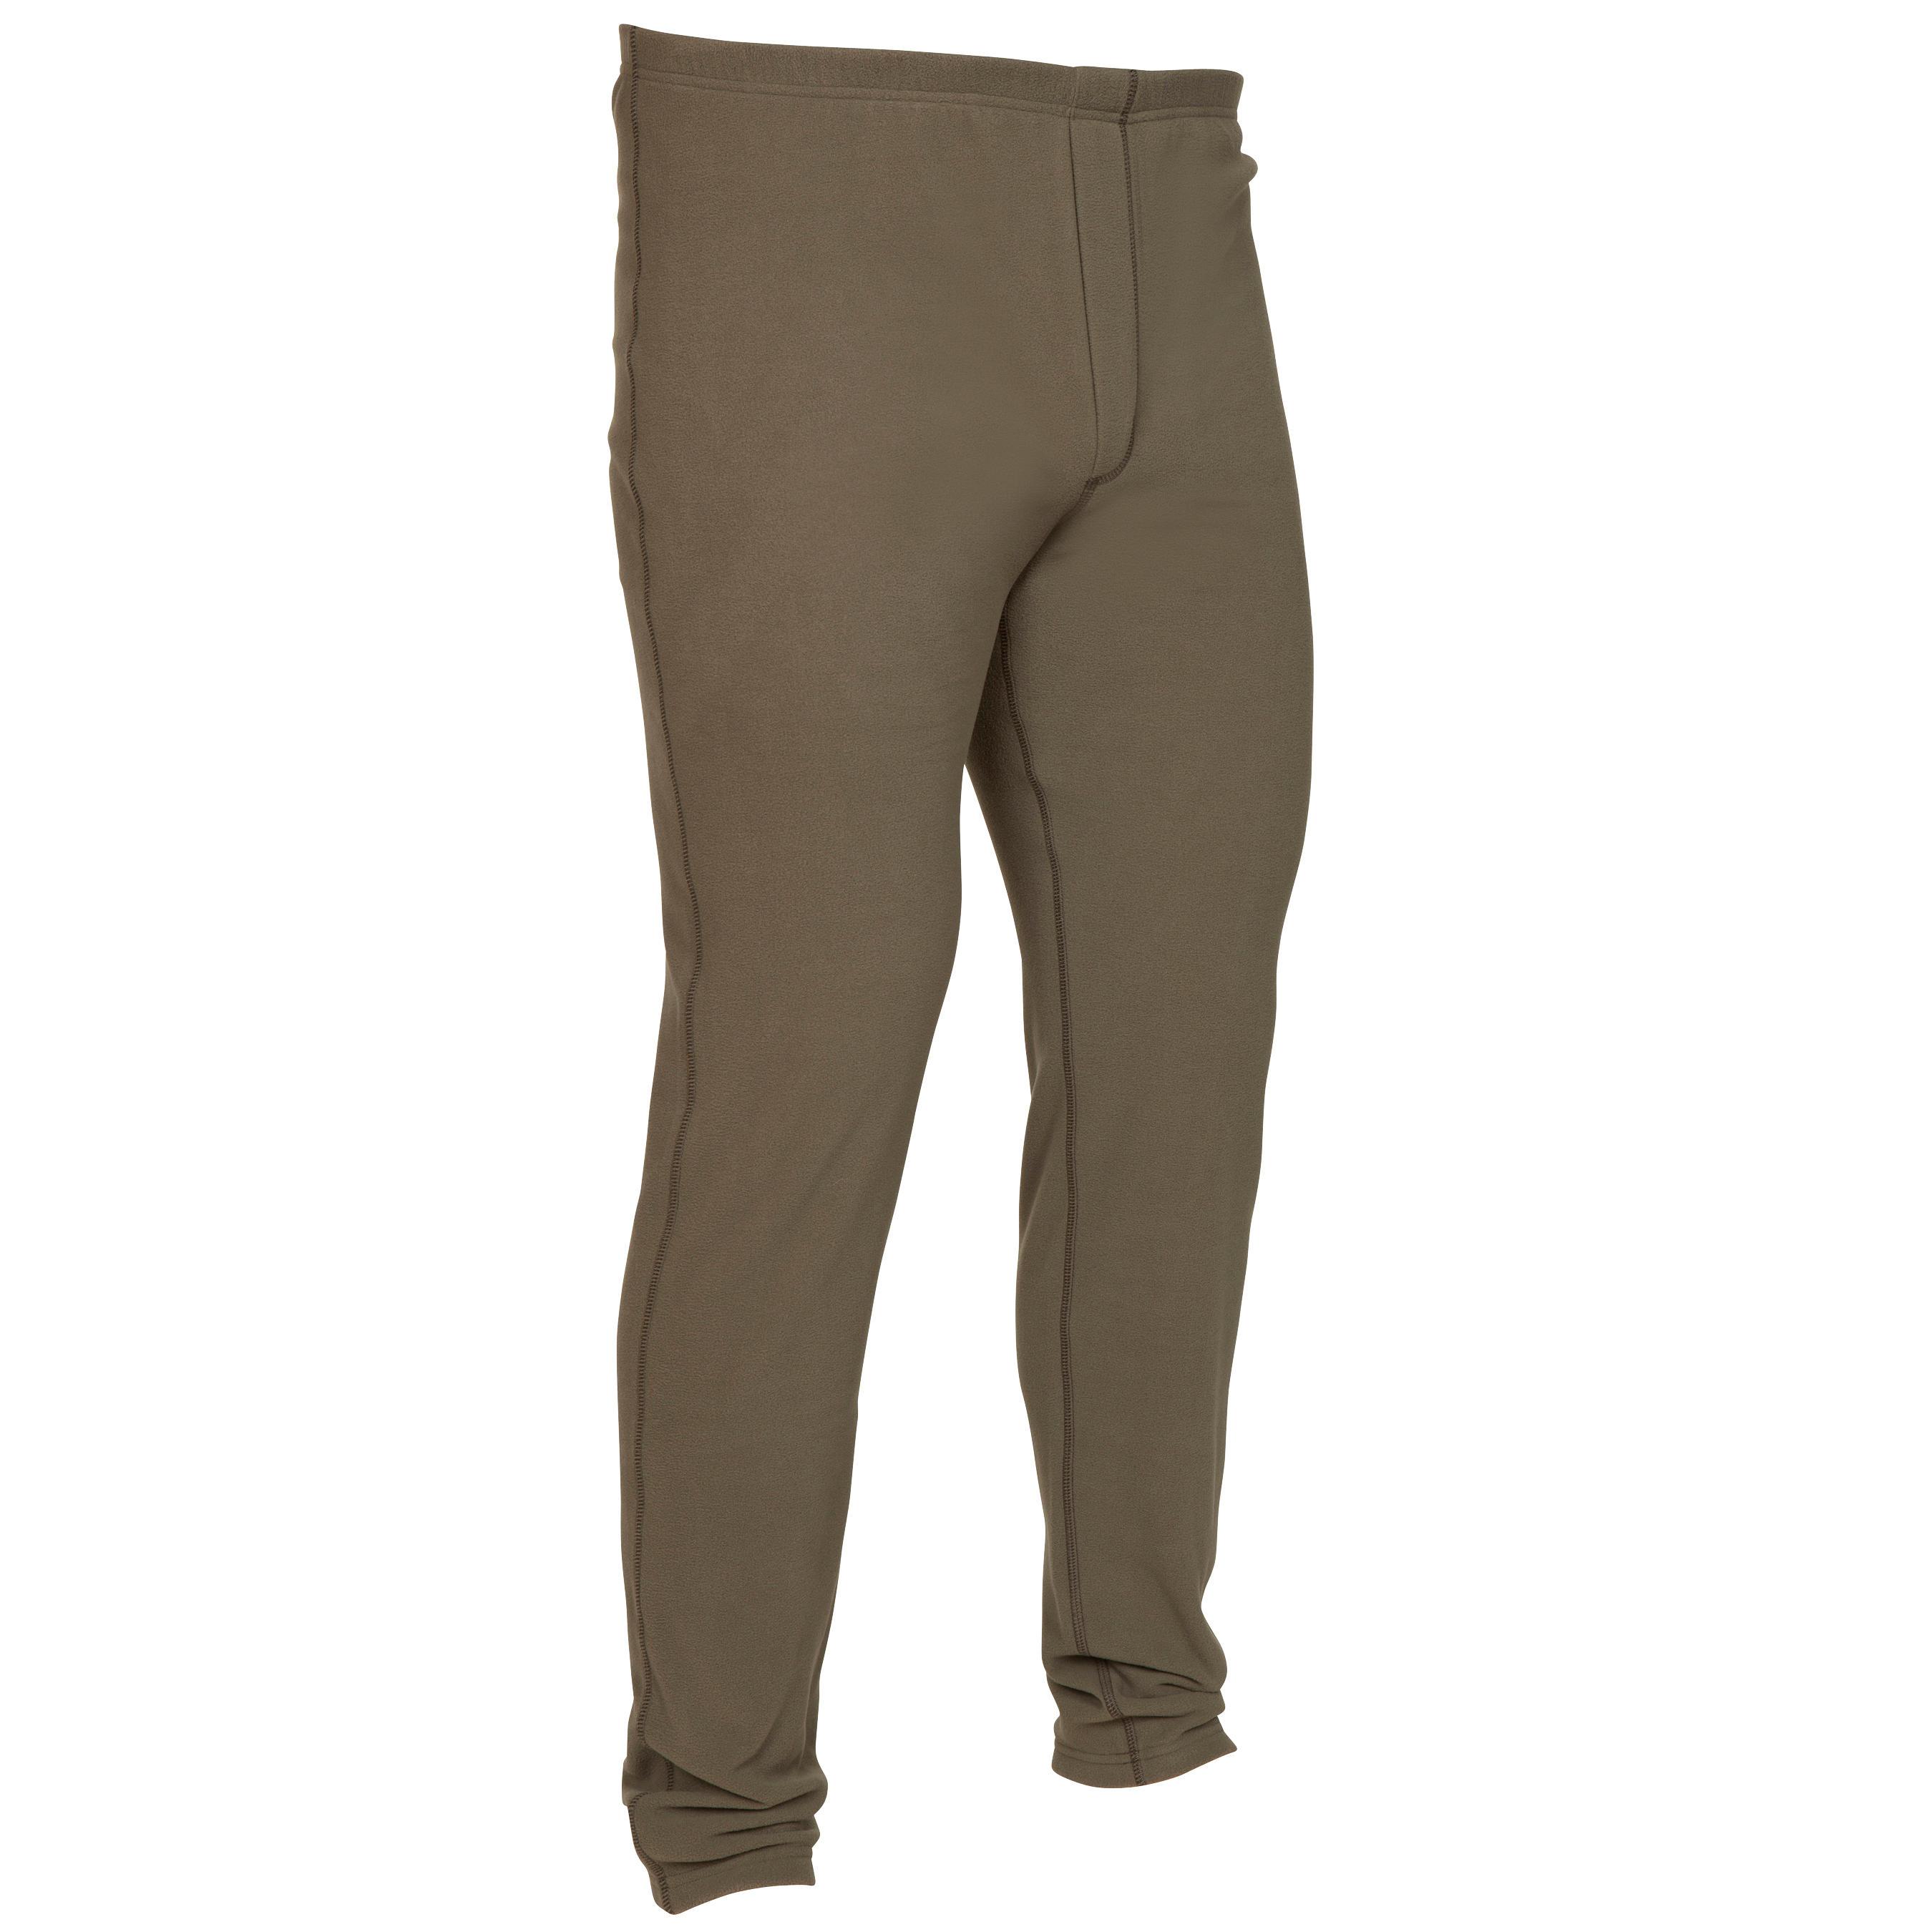 Pantalon Interior Termico Polar Caza Solognac 100 Hombre Calido Verde Solognac Decathlon